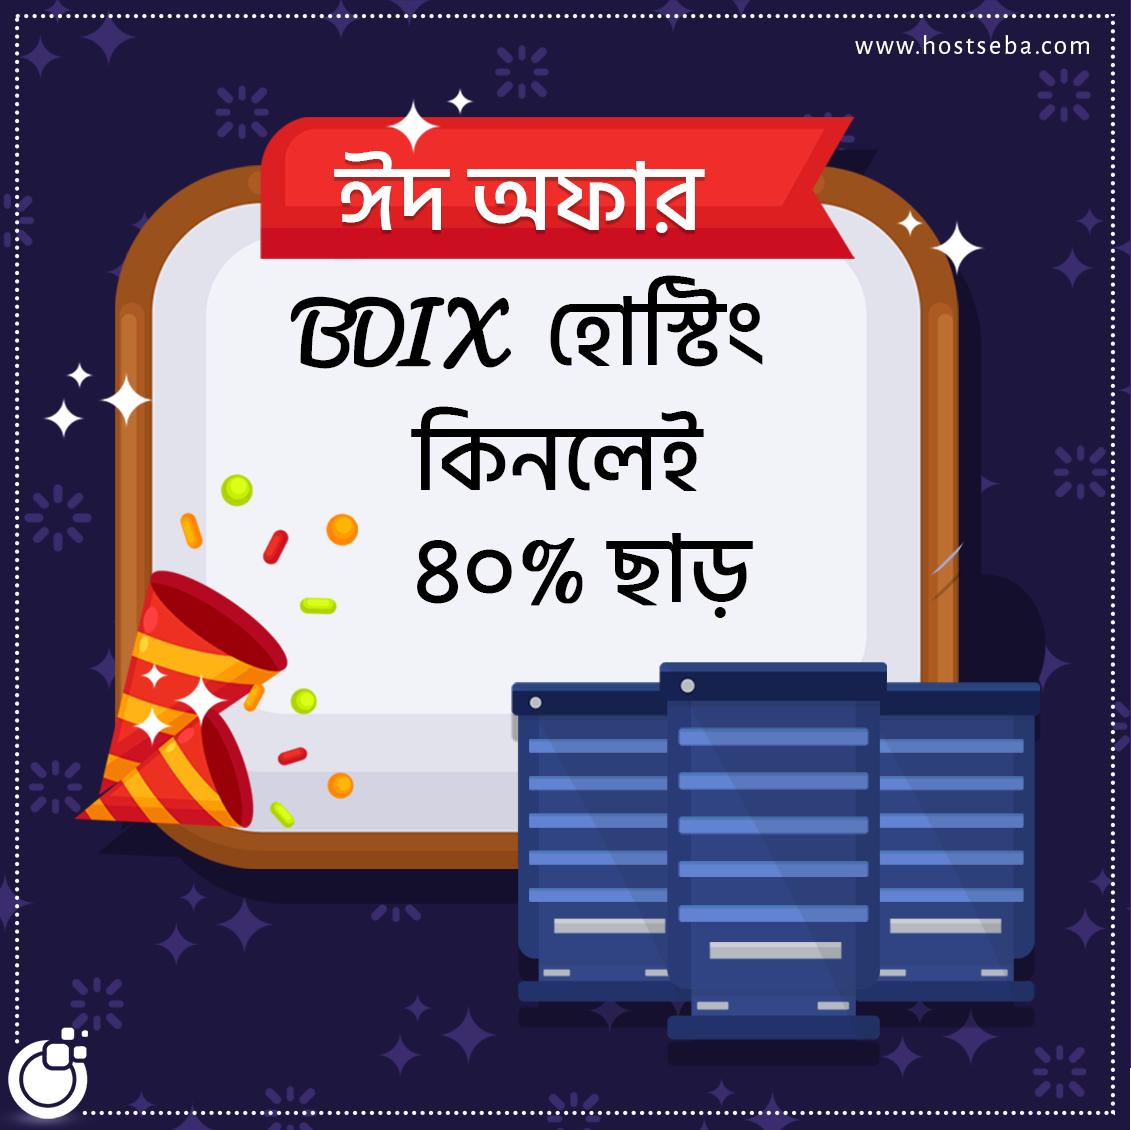 এই ঈদে 𝗛𝗼𝘀𝘁𝗦𝗲𝗯𝗮 থেকে 𝗕𝗗𝗜𝗫 ওয়েব হোস্টিং কিনলেই – BDIX web hosting 40% off – HostSeba